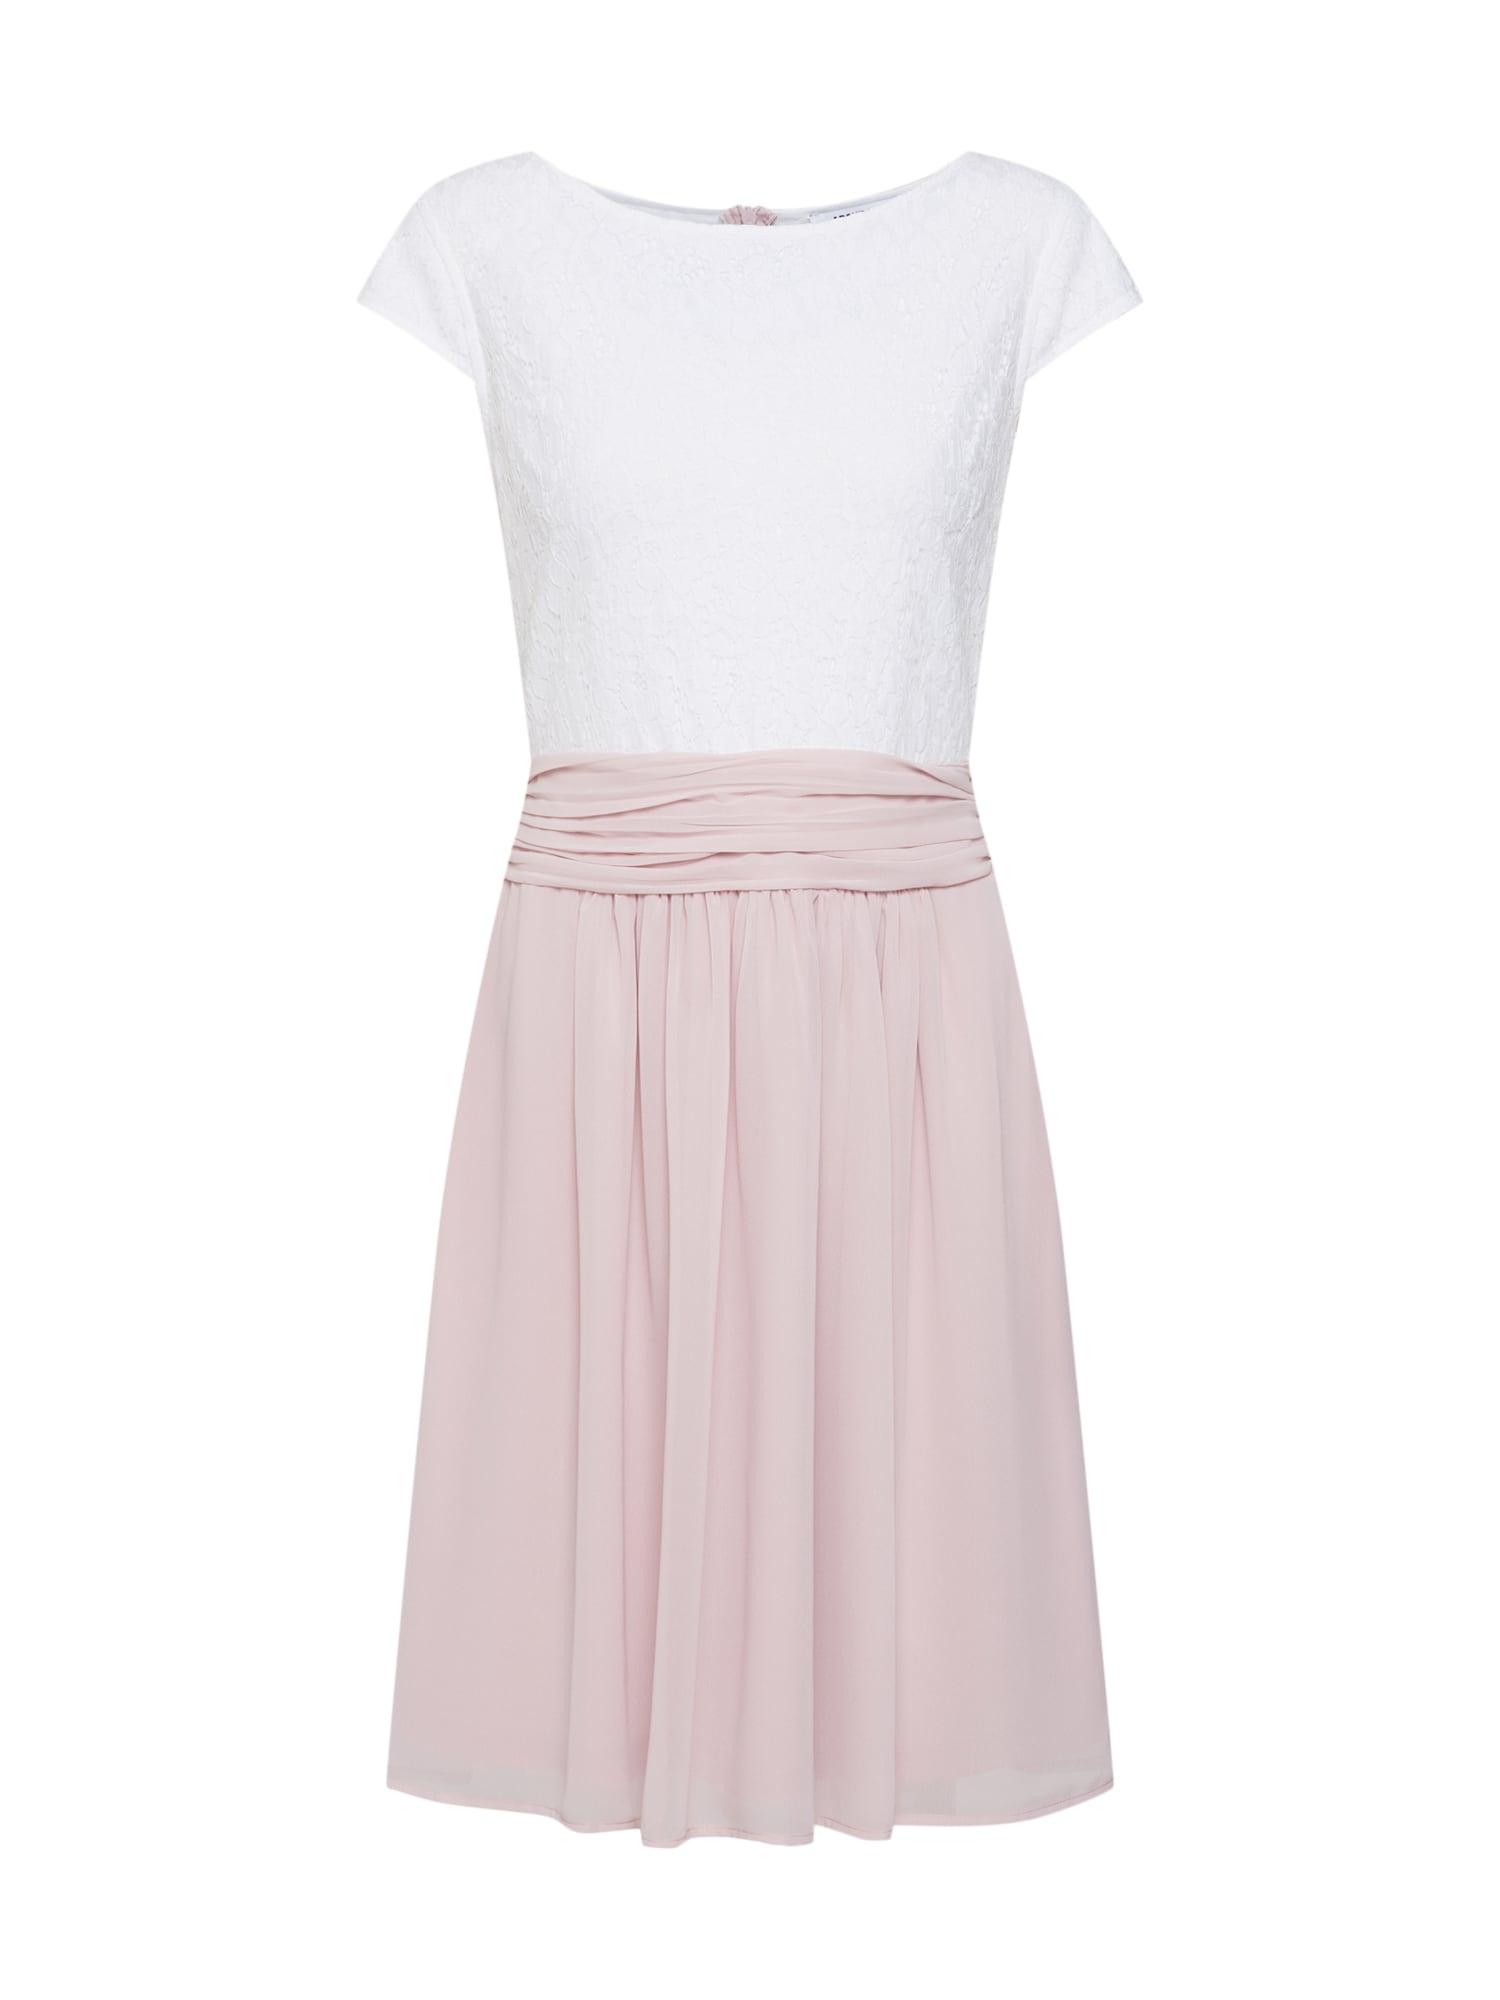 ABOUT YOU Trumpa kokteilinė suknelė 'Darlin' balta / rožių spalva